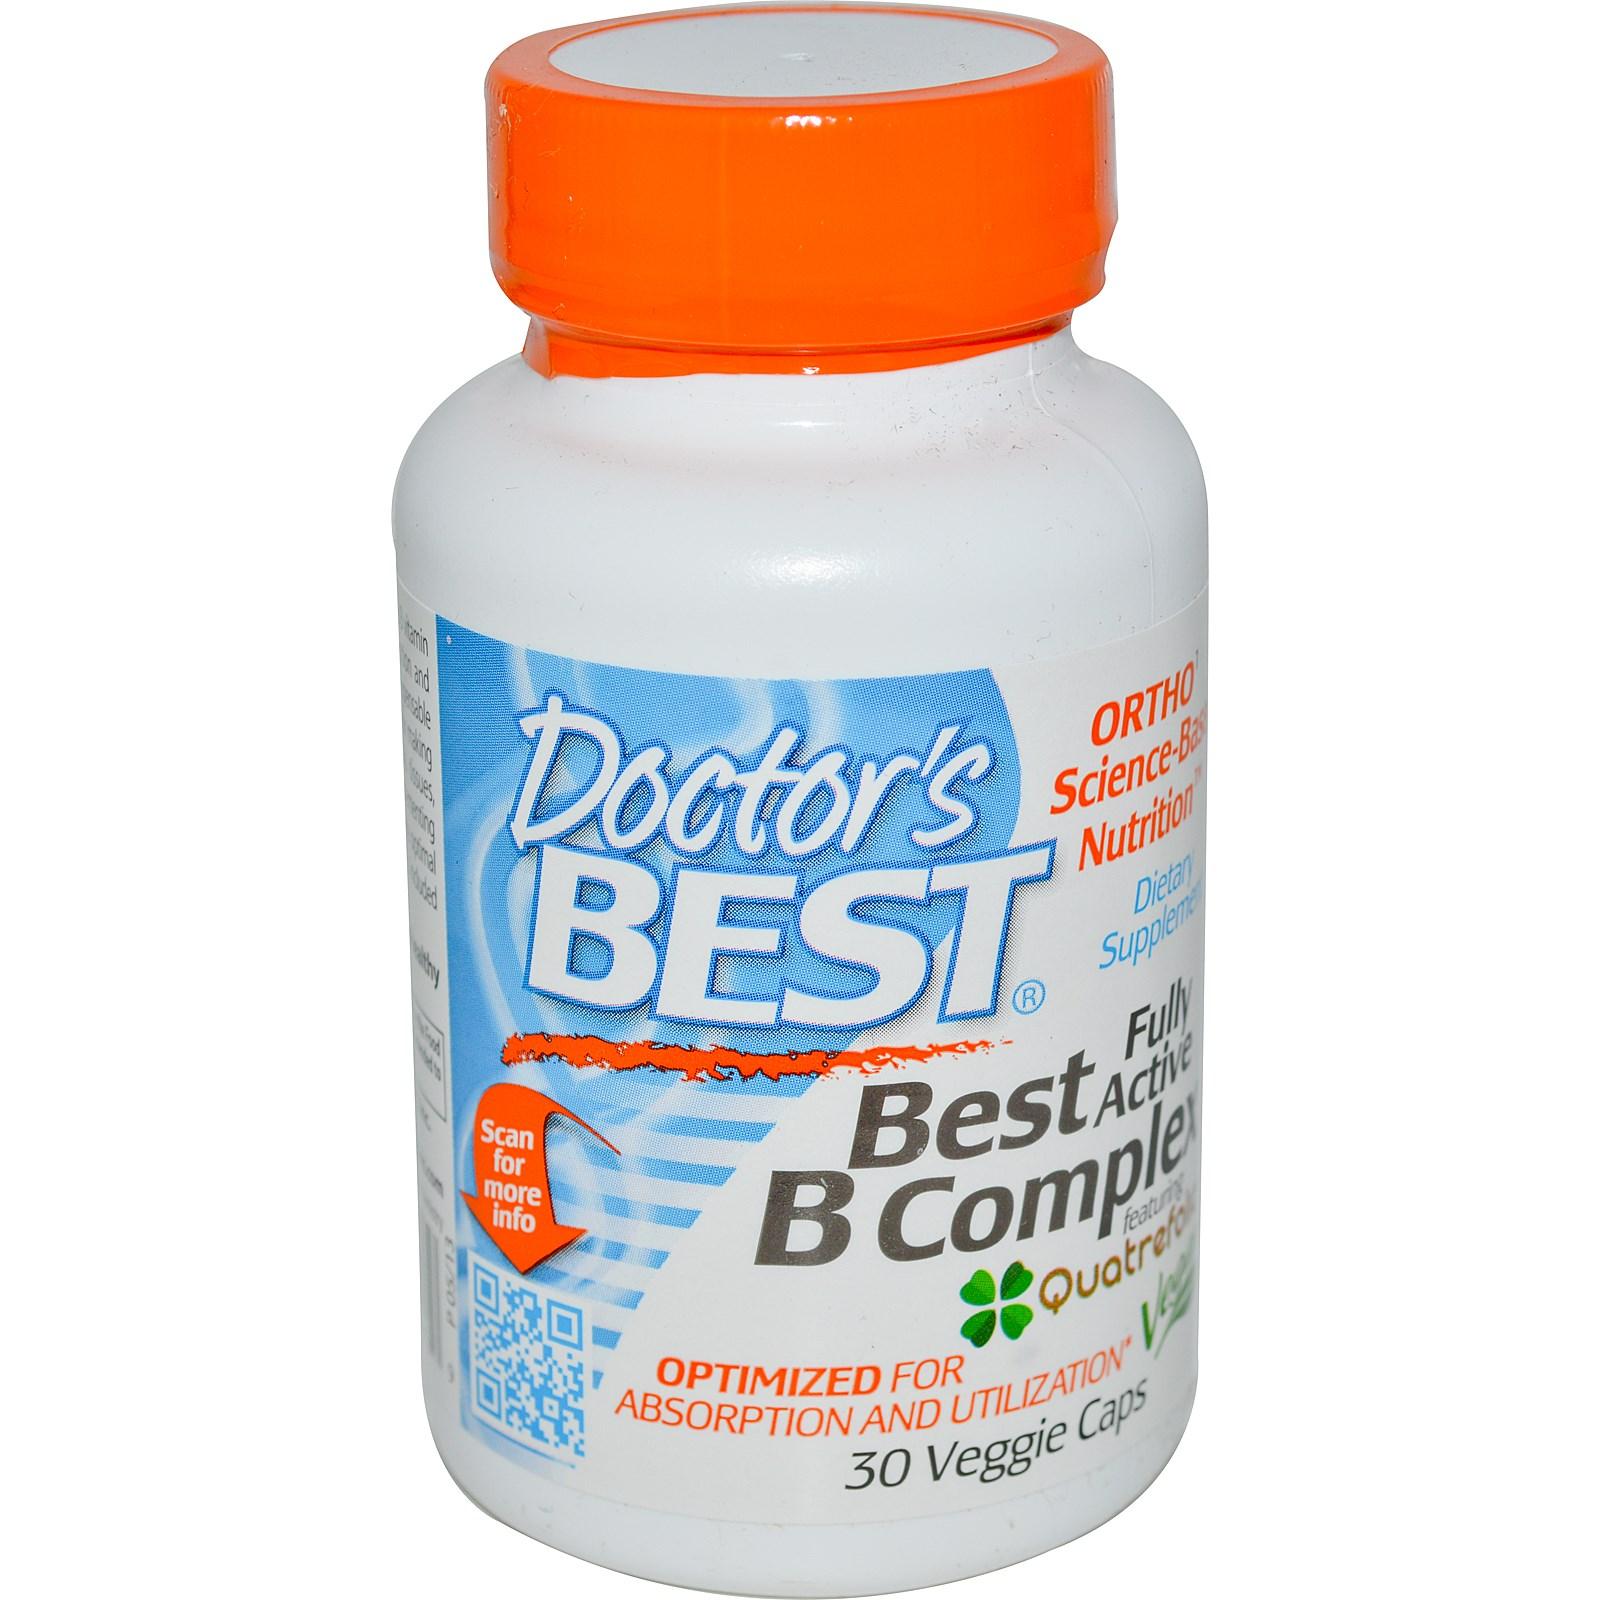 Активный комплекс витамина B, Doctor's Best, в капсулах (30 штук)